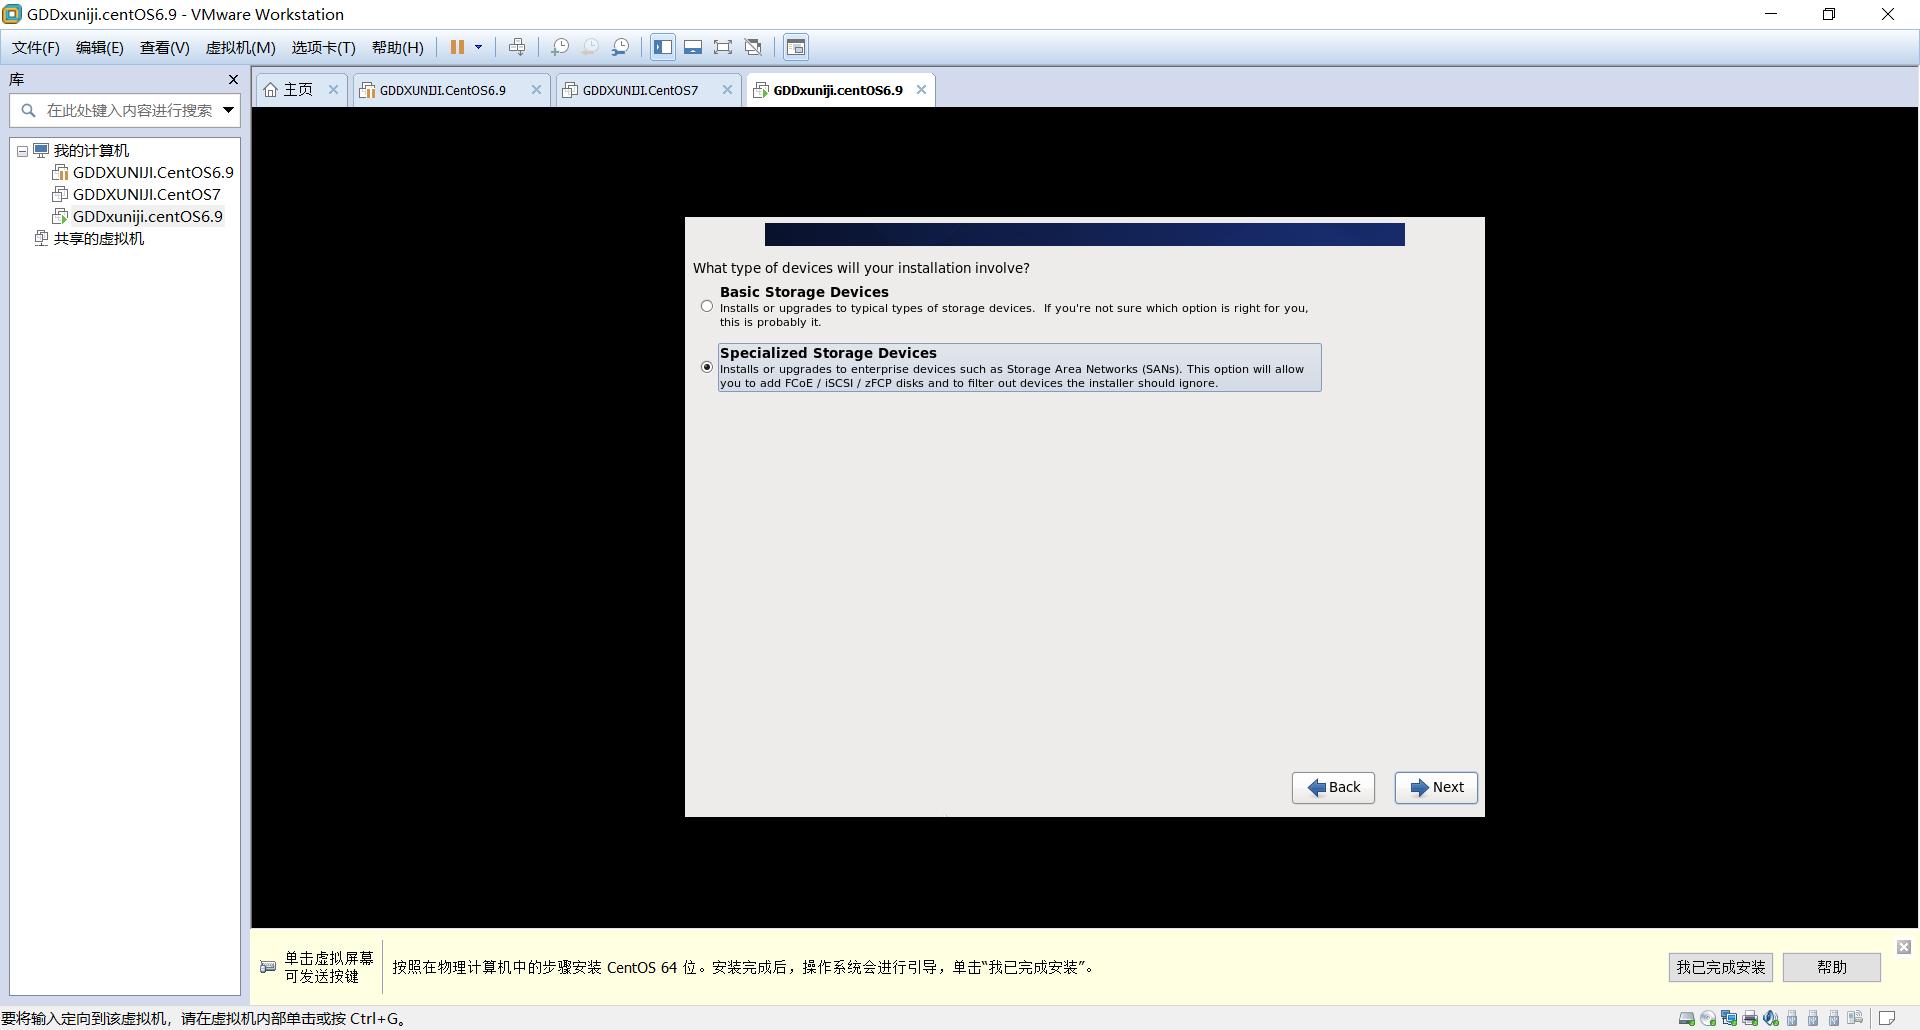 虚拟机安装步骤13